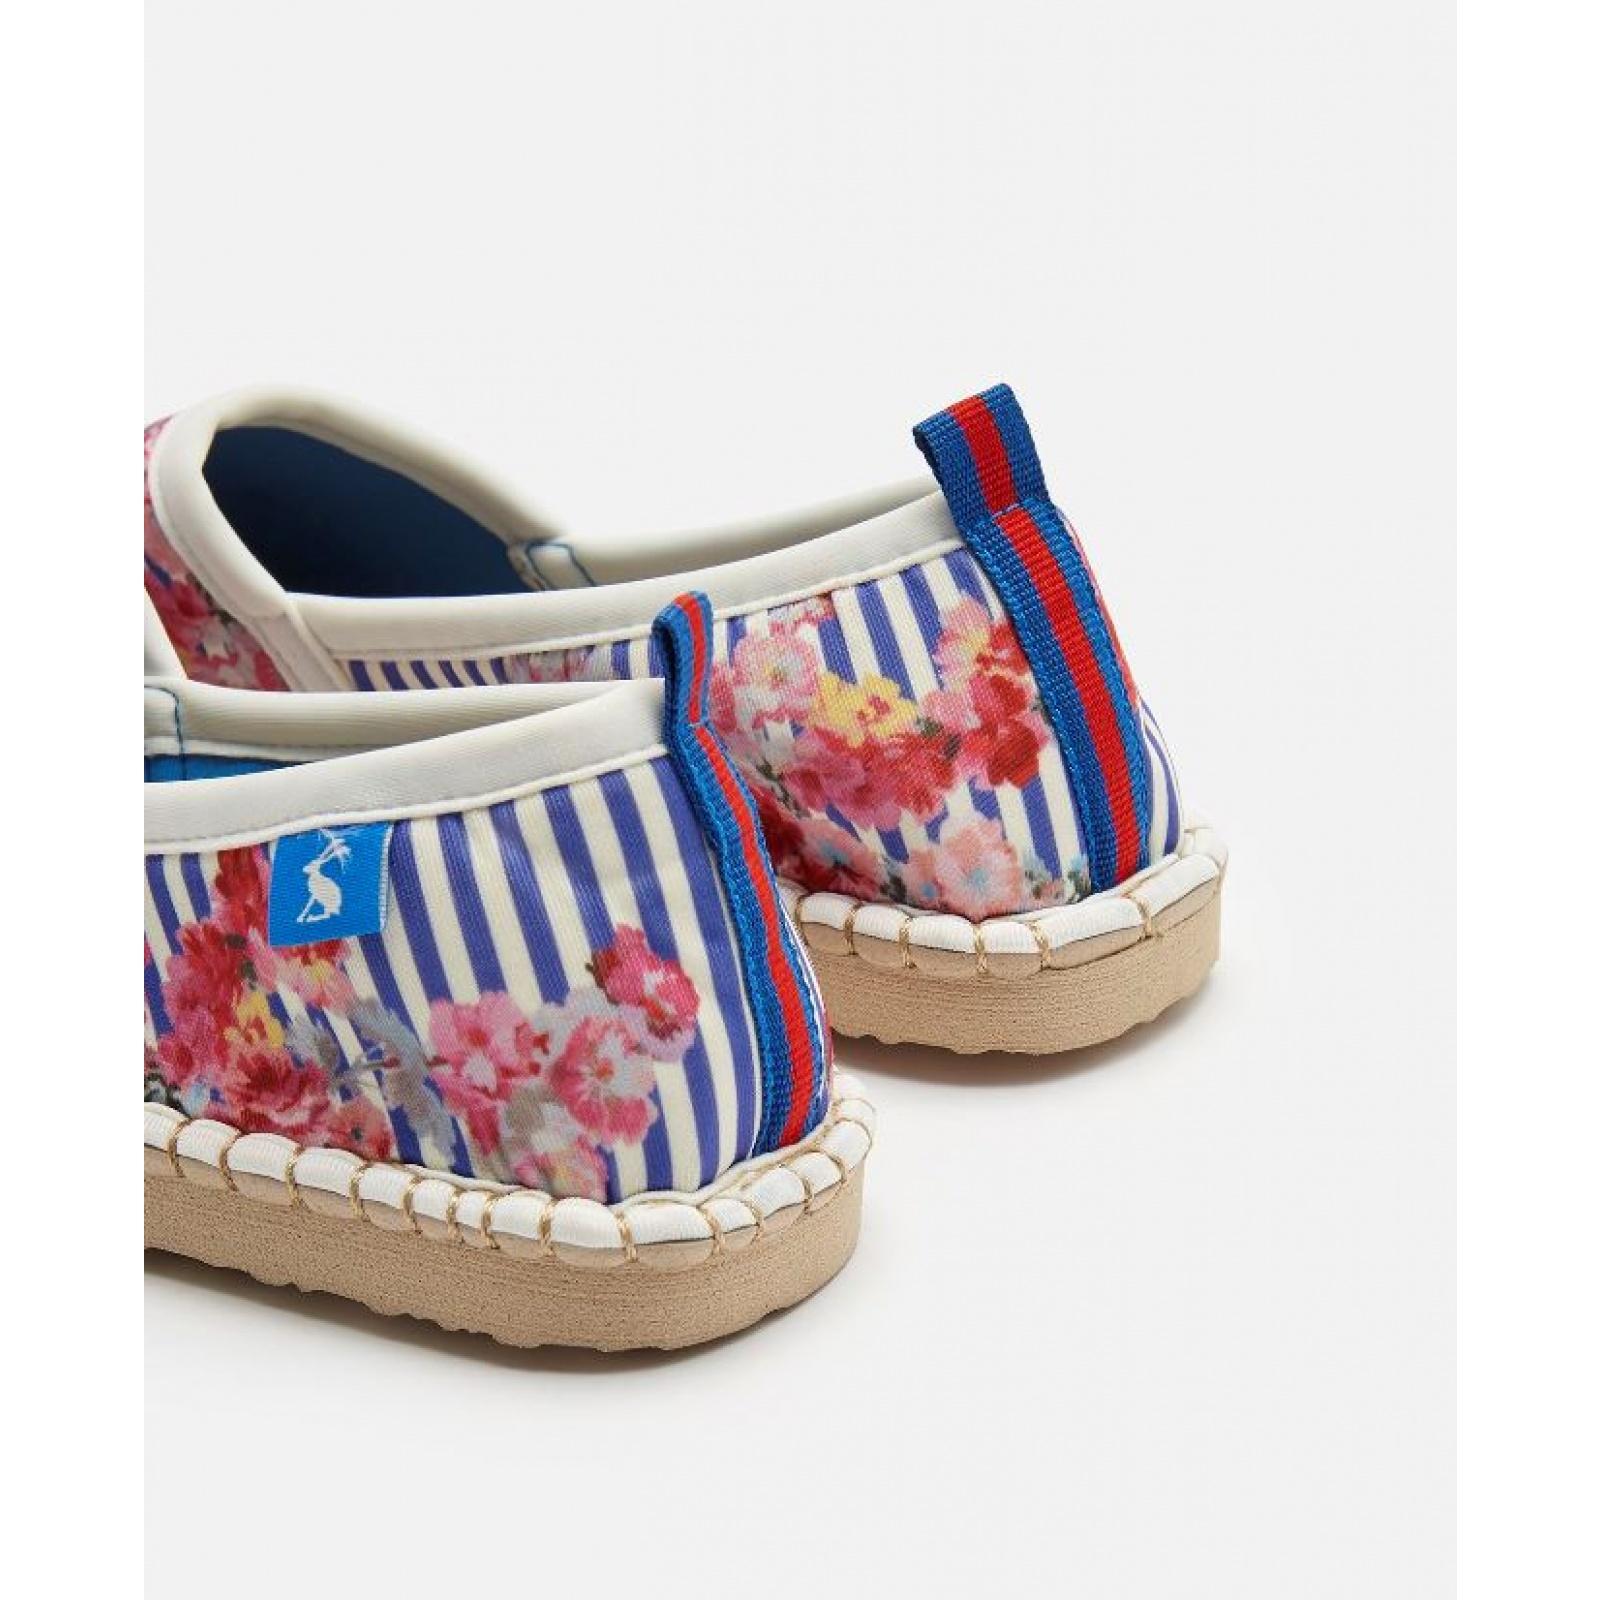 Joules-Ocean-Flipadrille-Lightweight-Summer-Shoe-SS19 miniature 4